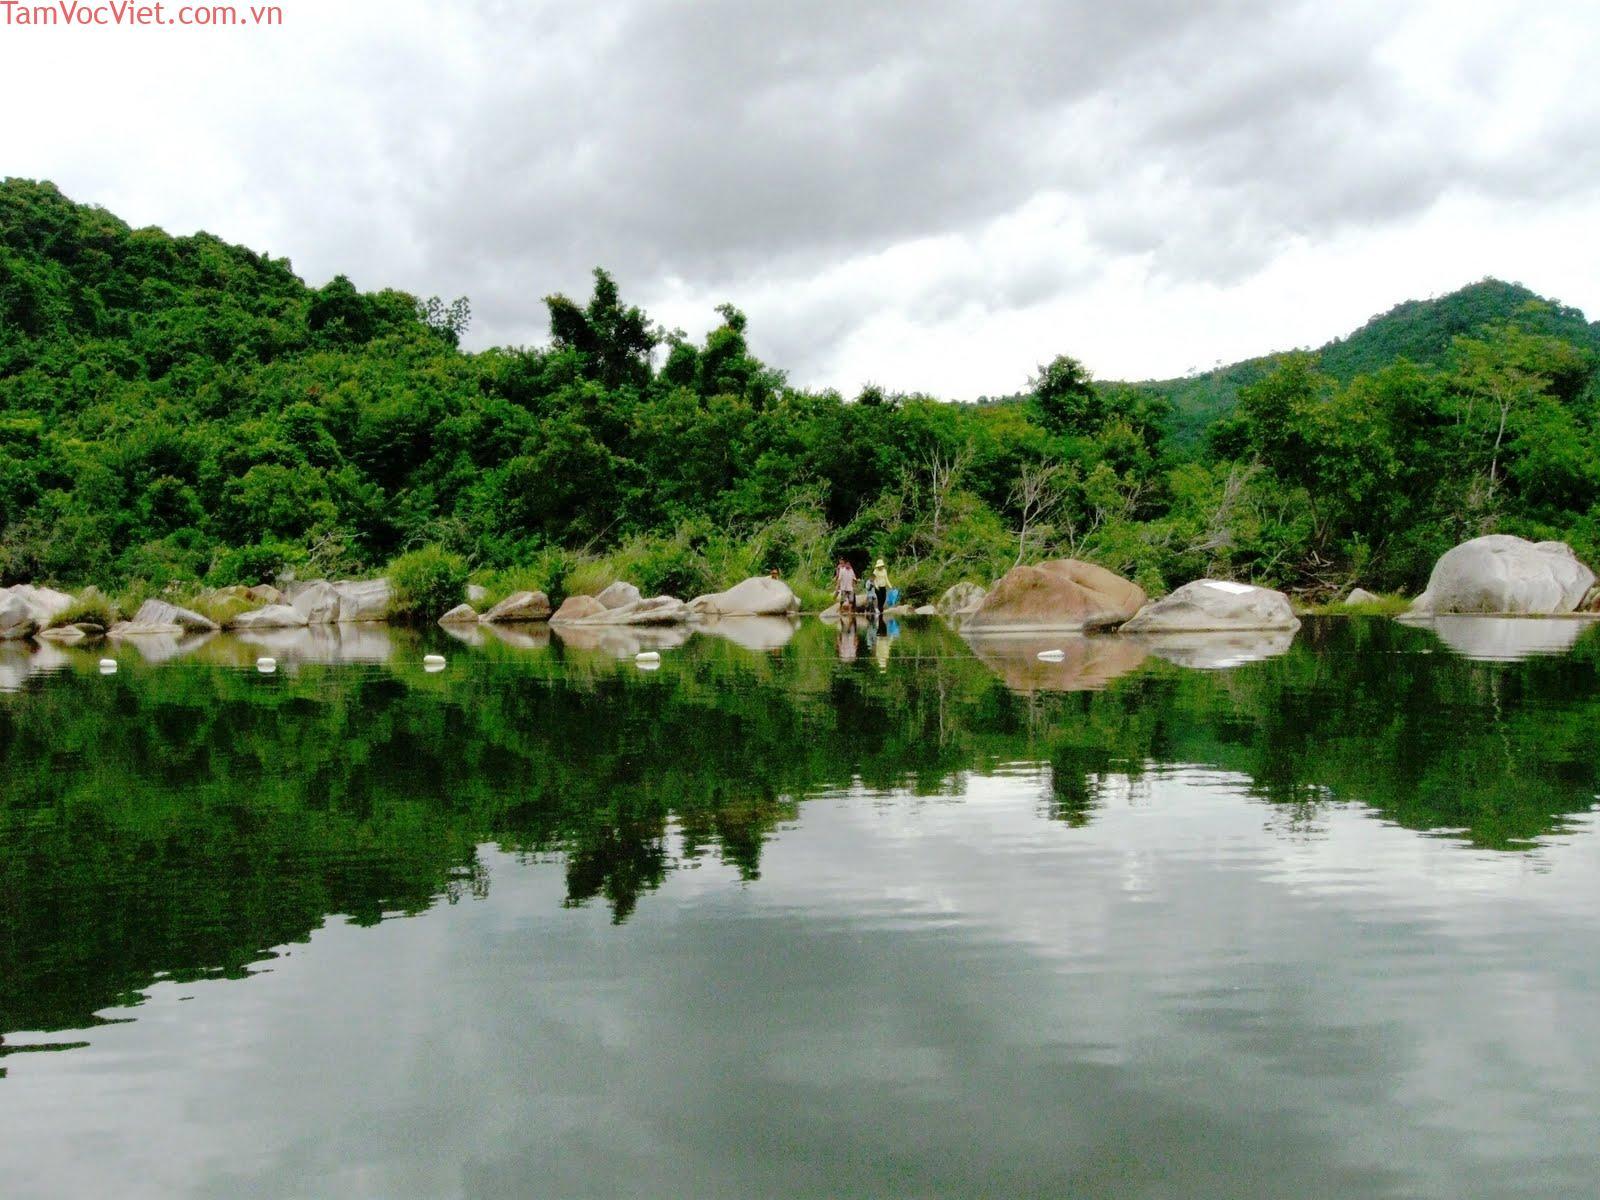 Tour Hà Nội - Quy Nhơn - Phú Yên 4 Ngày 3 Đêm.